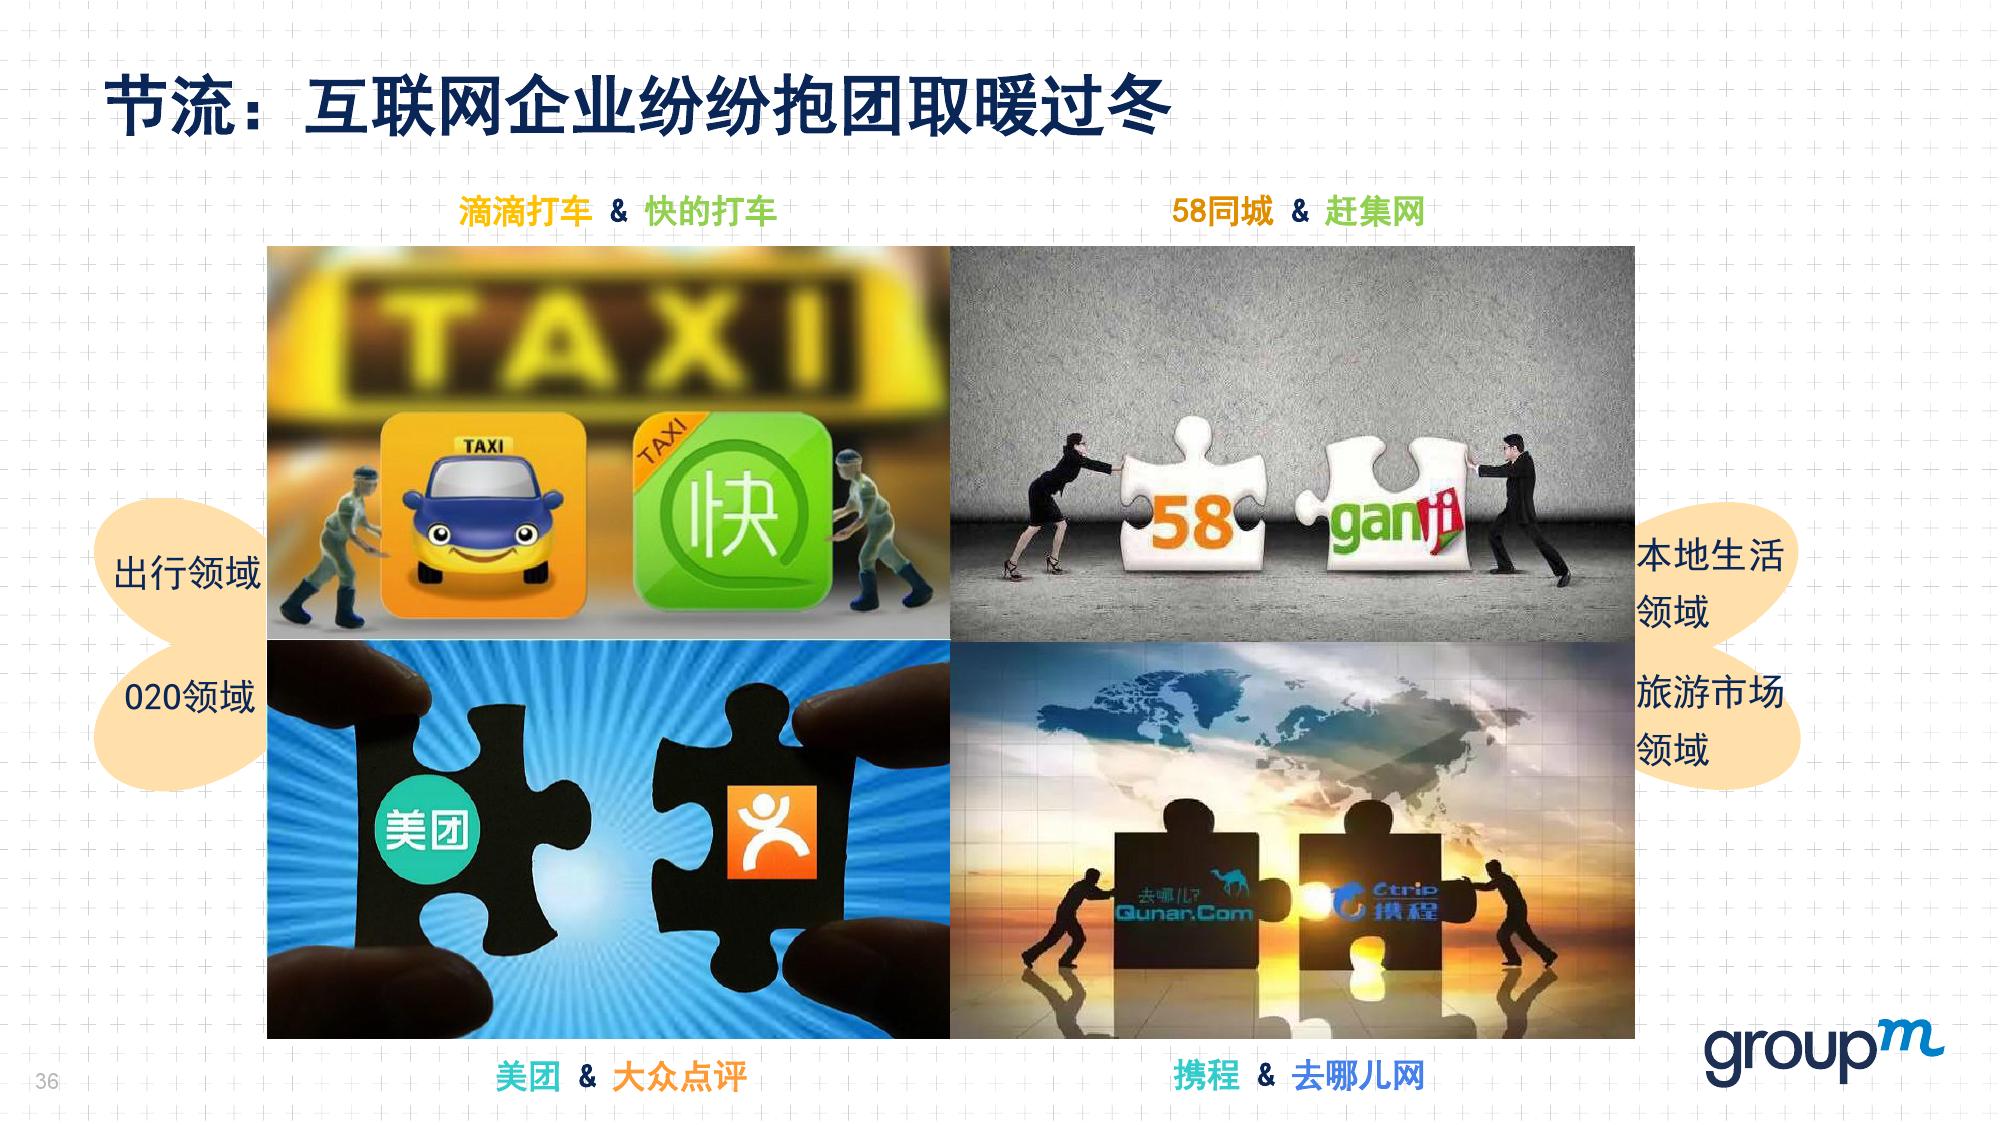 赢在中国2016:从需求刺激转向供给侧改革_000036